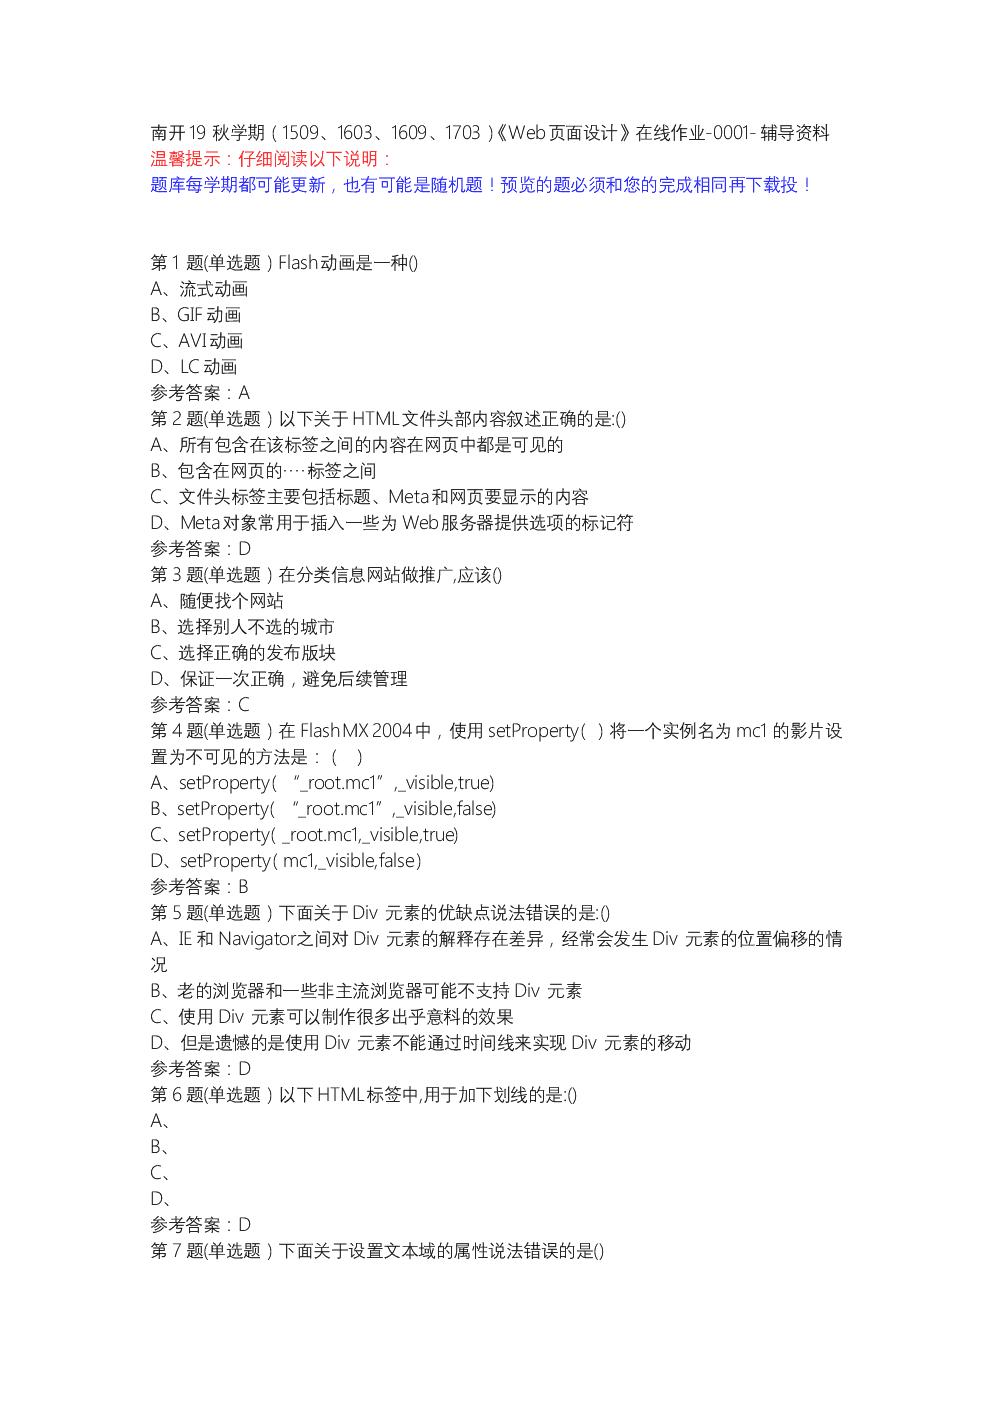 南开19秋学期(1509、1603、1609、1703)《Web页面设计》在线作业-0001-辅导资料.docx